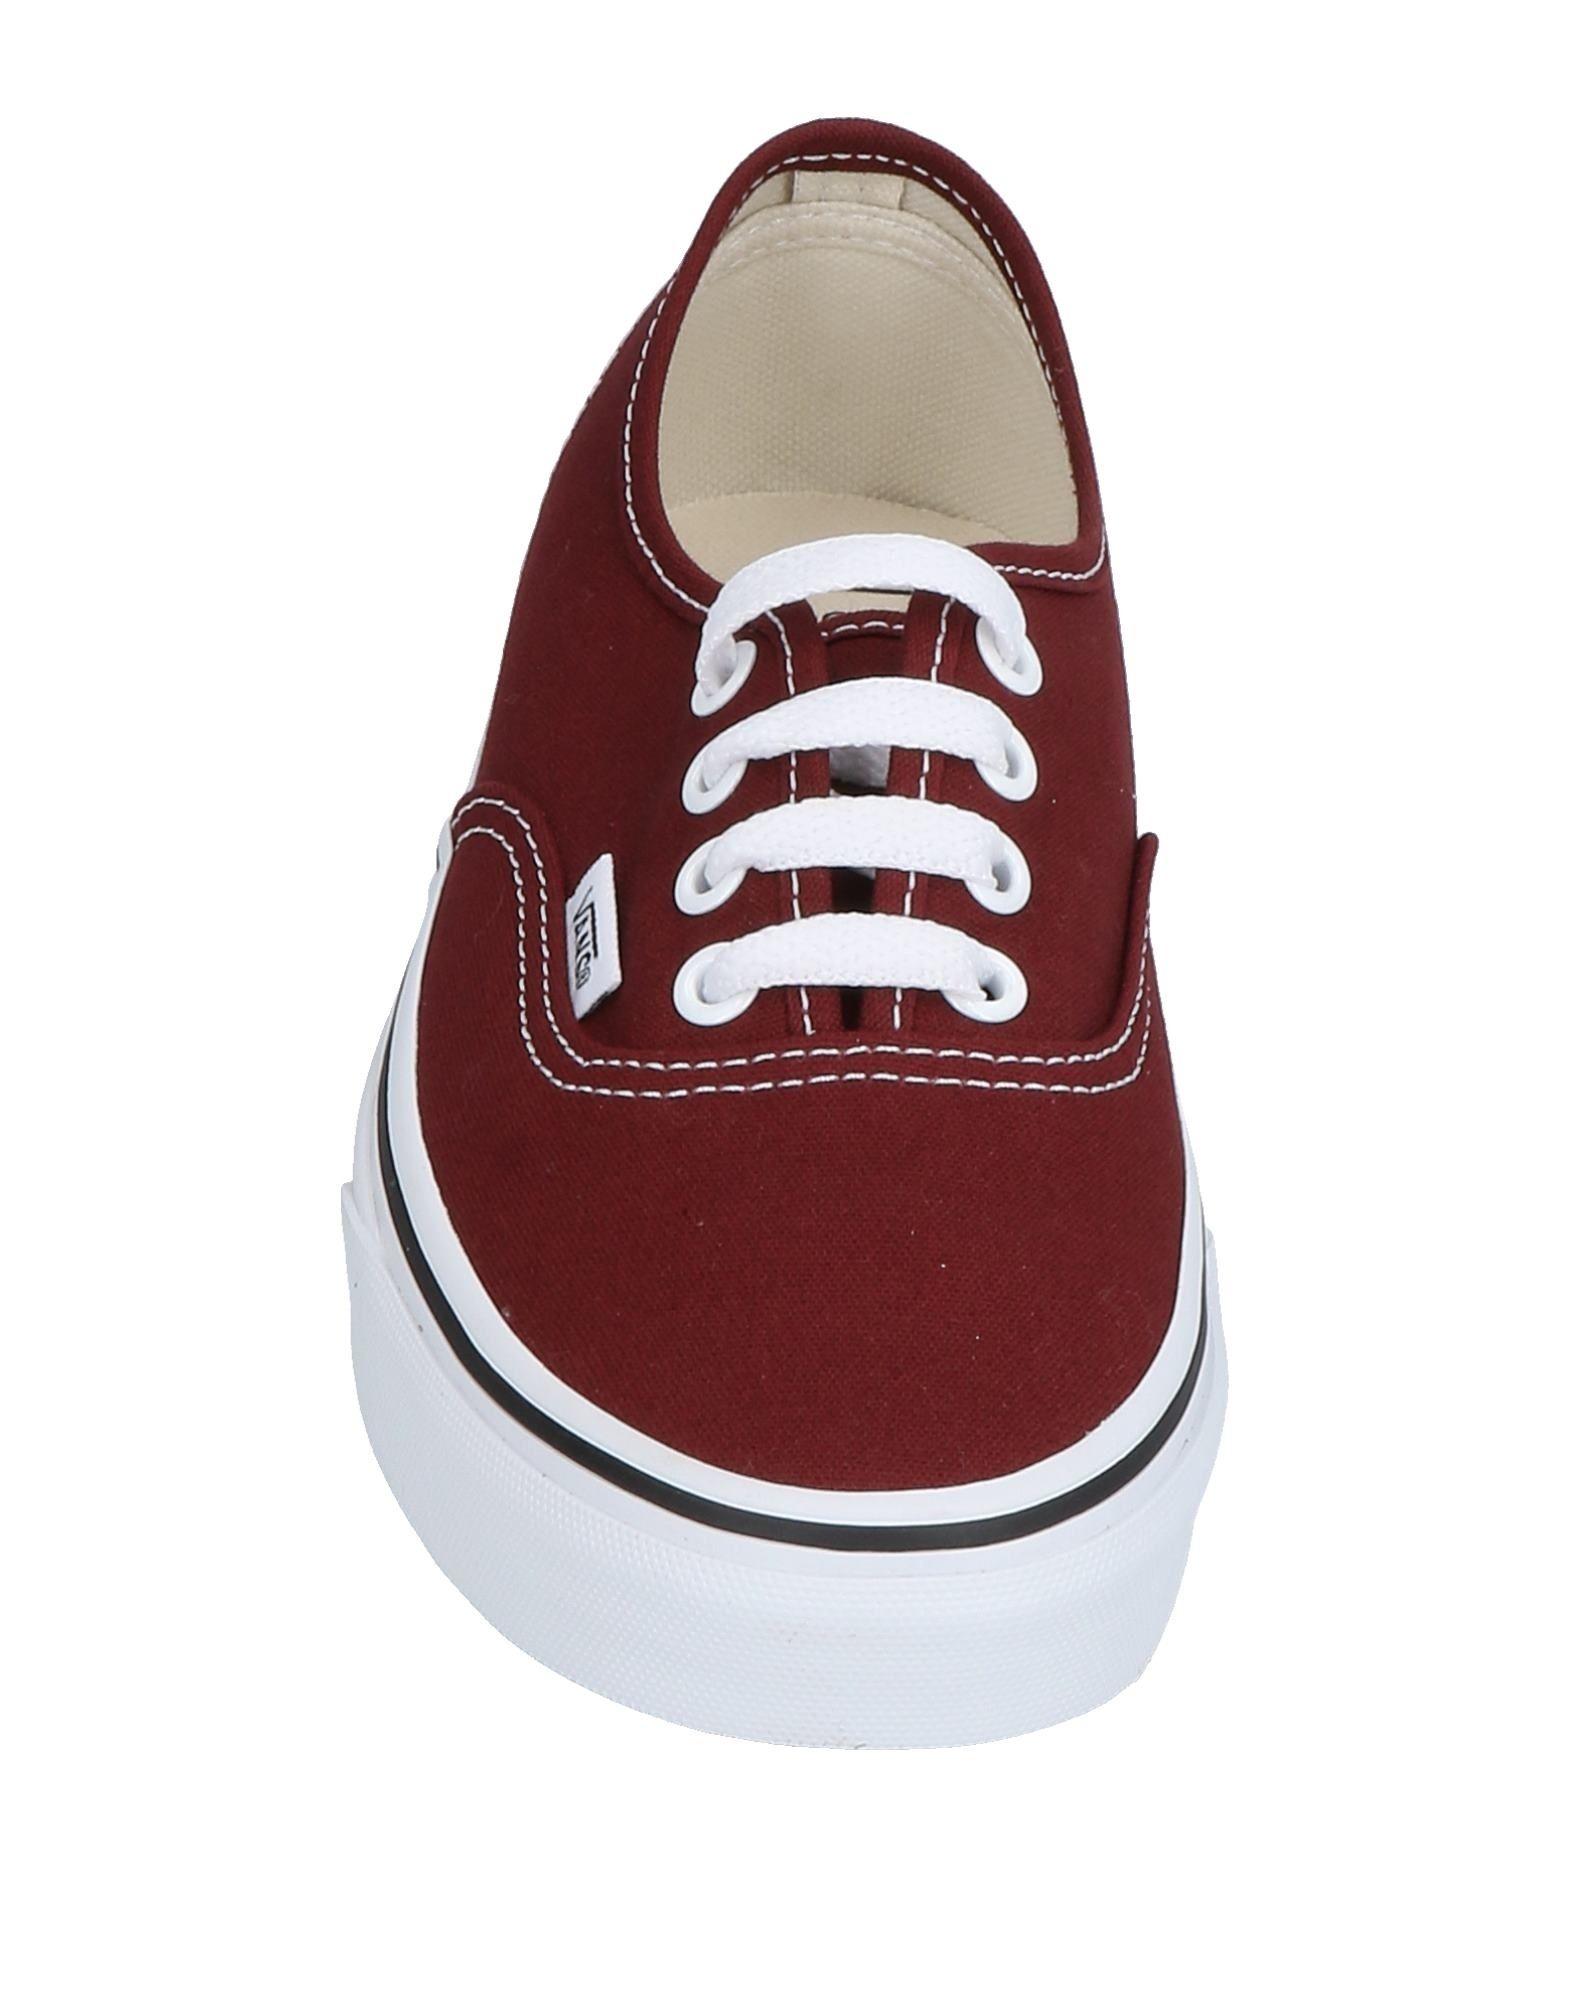 Vans Sneakers Damen   Damen 11493976SQ 7857d0